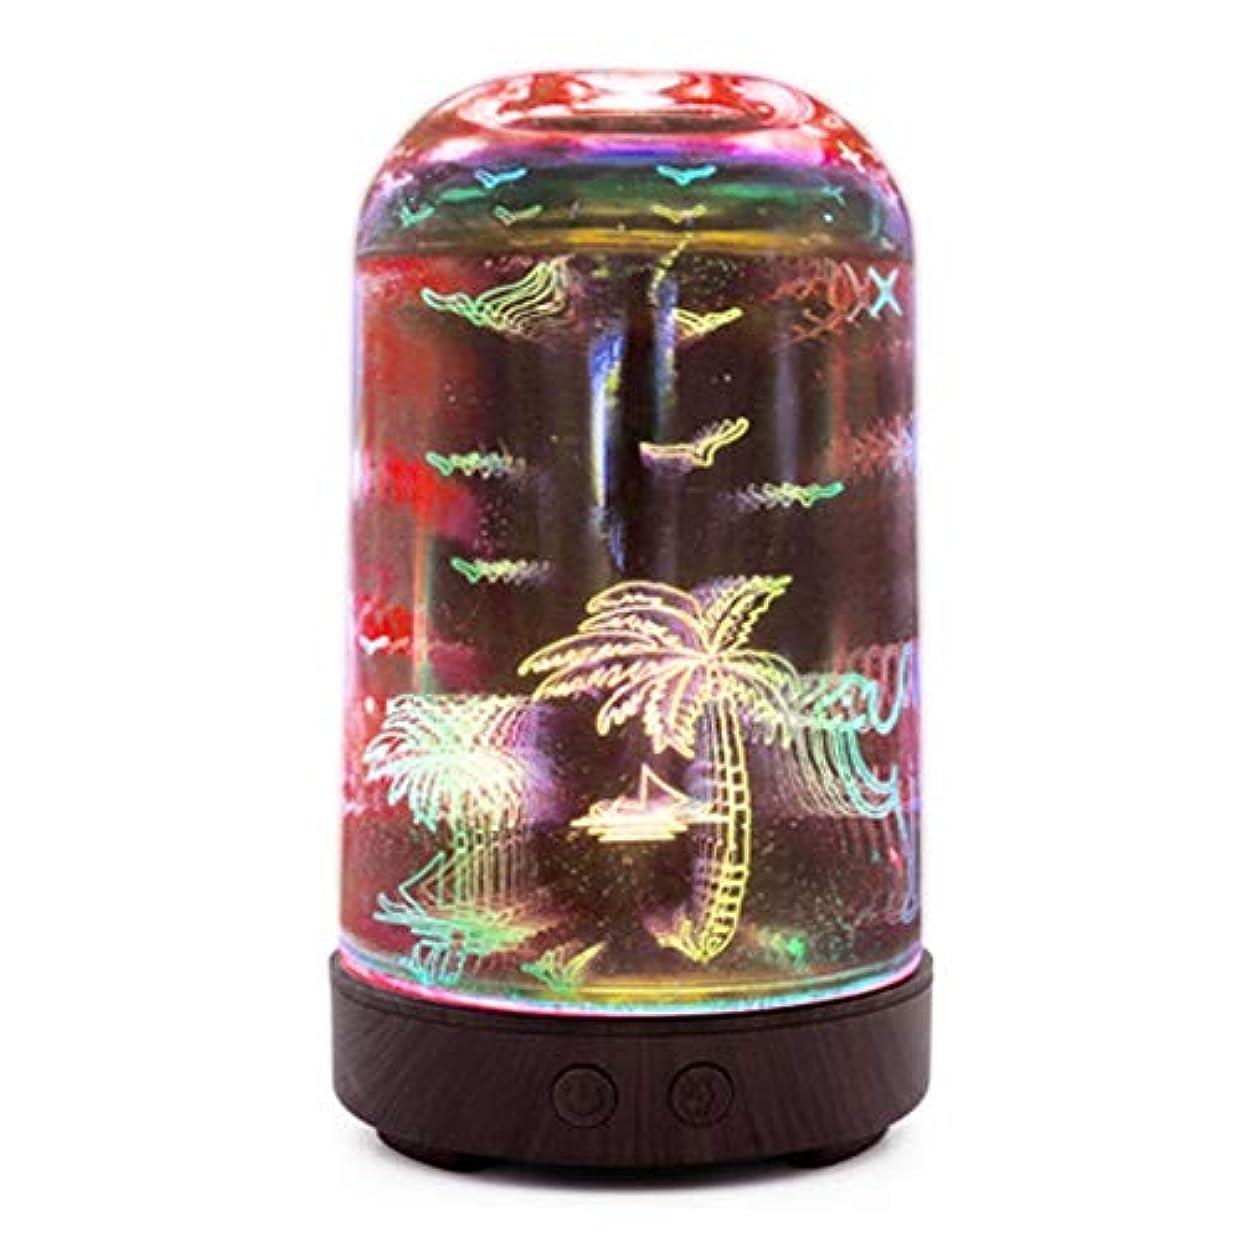 発表する決定的優先権すばらしいLEDライト、便利な自動操業停止および大きい水漕が付いている3Dガラス100mlギャラクシー優れた超音波加湿器 (Color : Coconut tree)